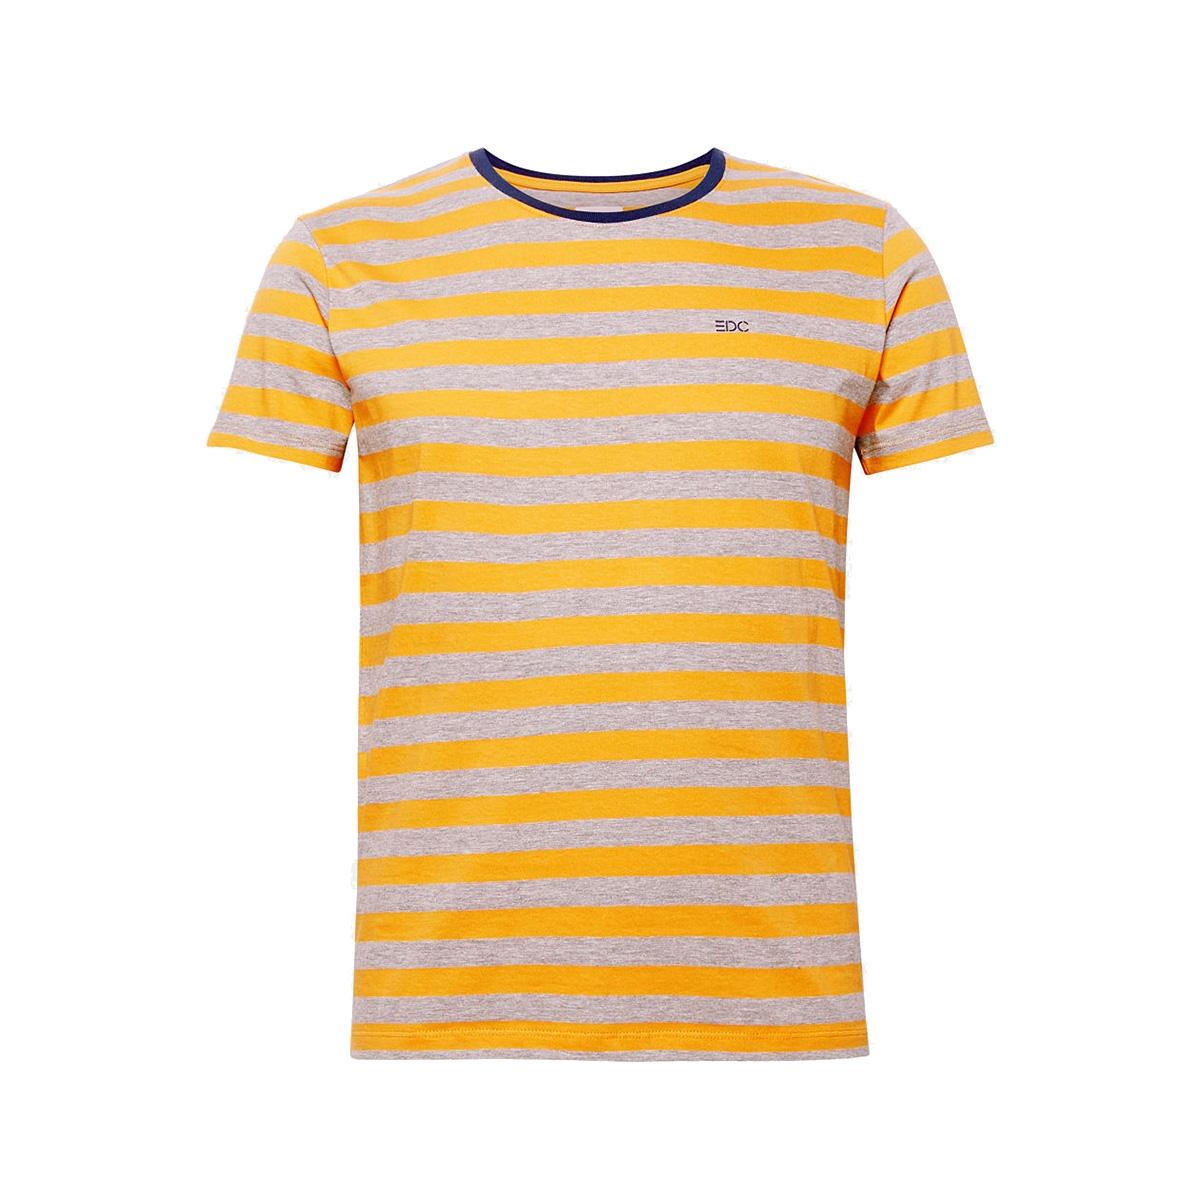 039cc2k019 edc t-shirt c820